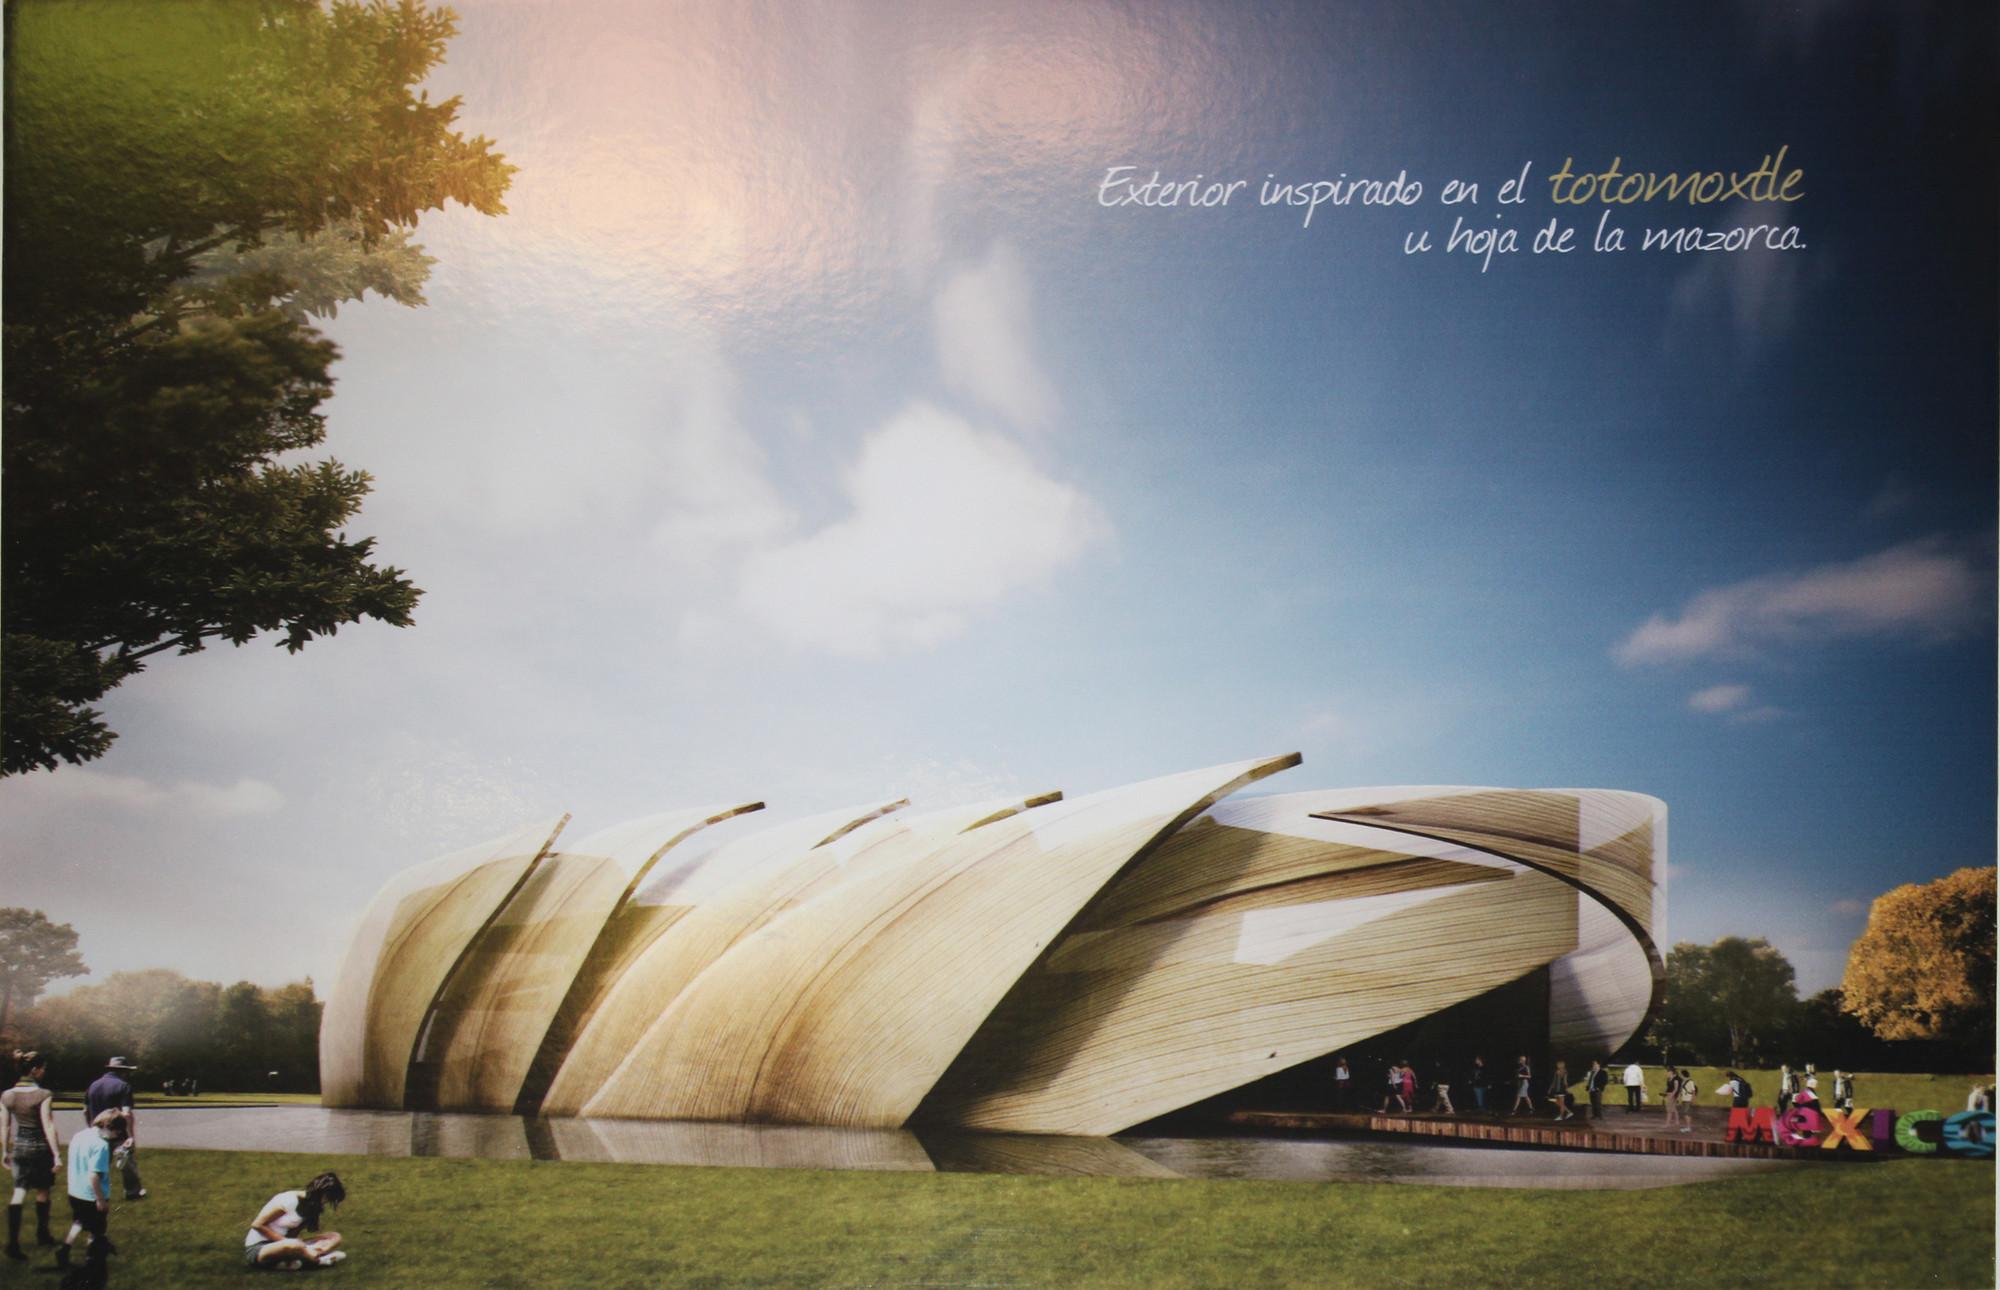 Propuesta ganadora para el Pabellón de México en la Expo Milán 2015, Fotografía de la lámina de la propuesta ganadora. Image © ArchDaily México